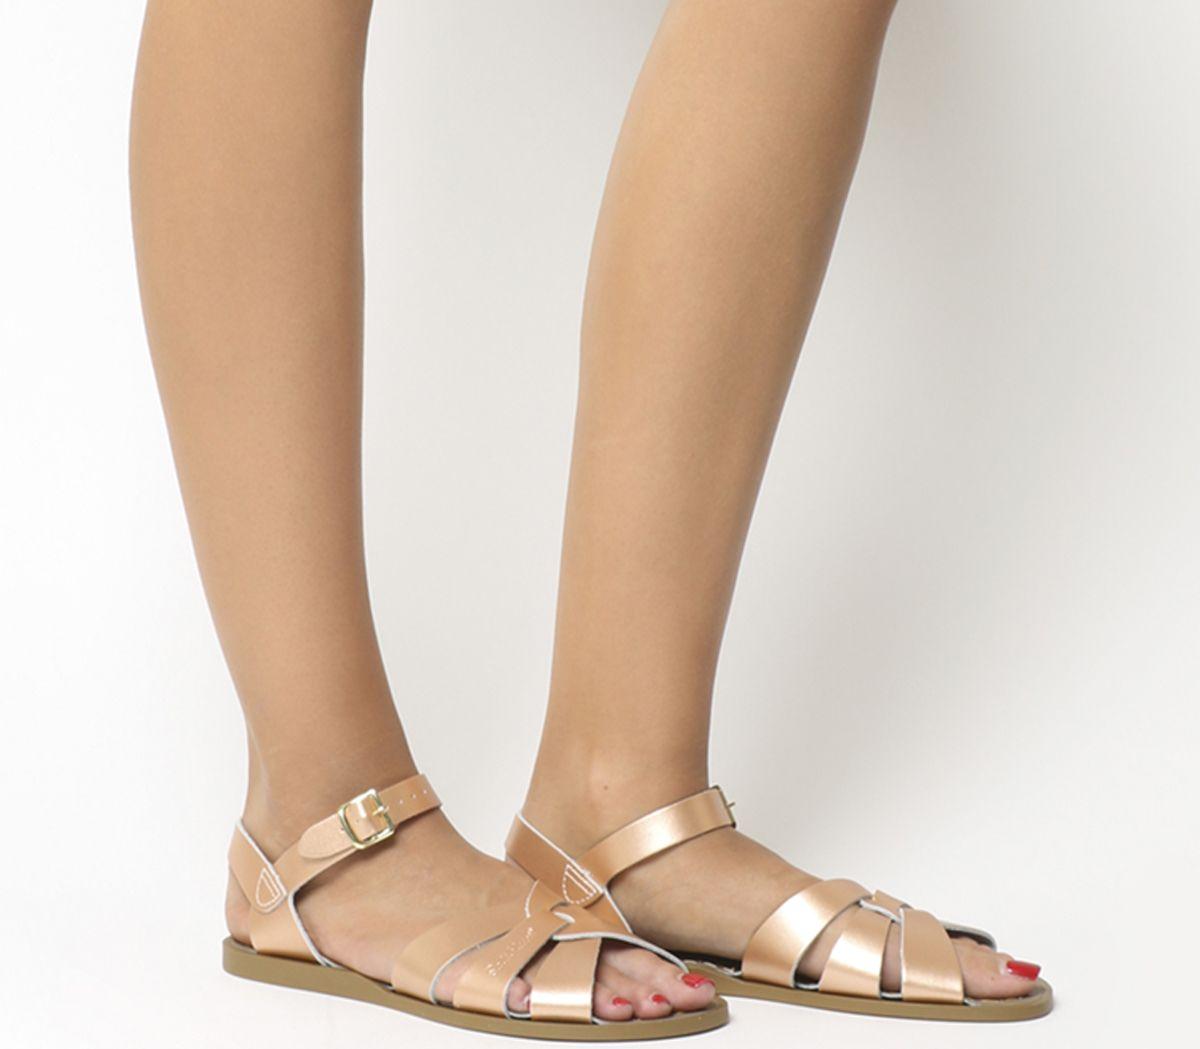 678e14de900 Salt Water Salt Water Original Rose Gold Leather - Sandals